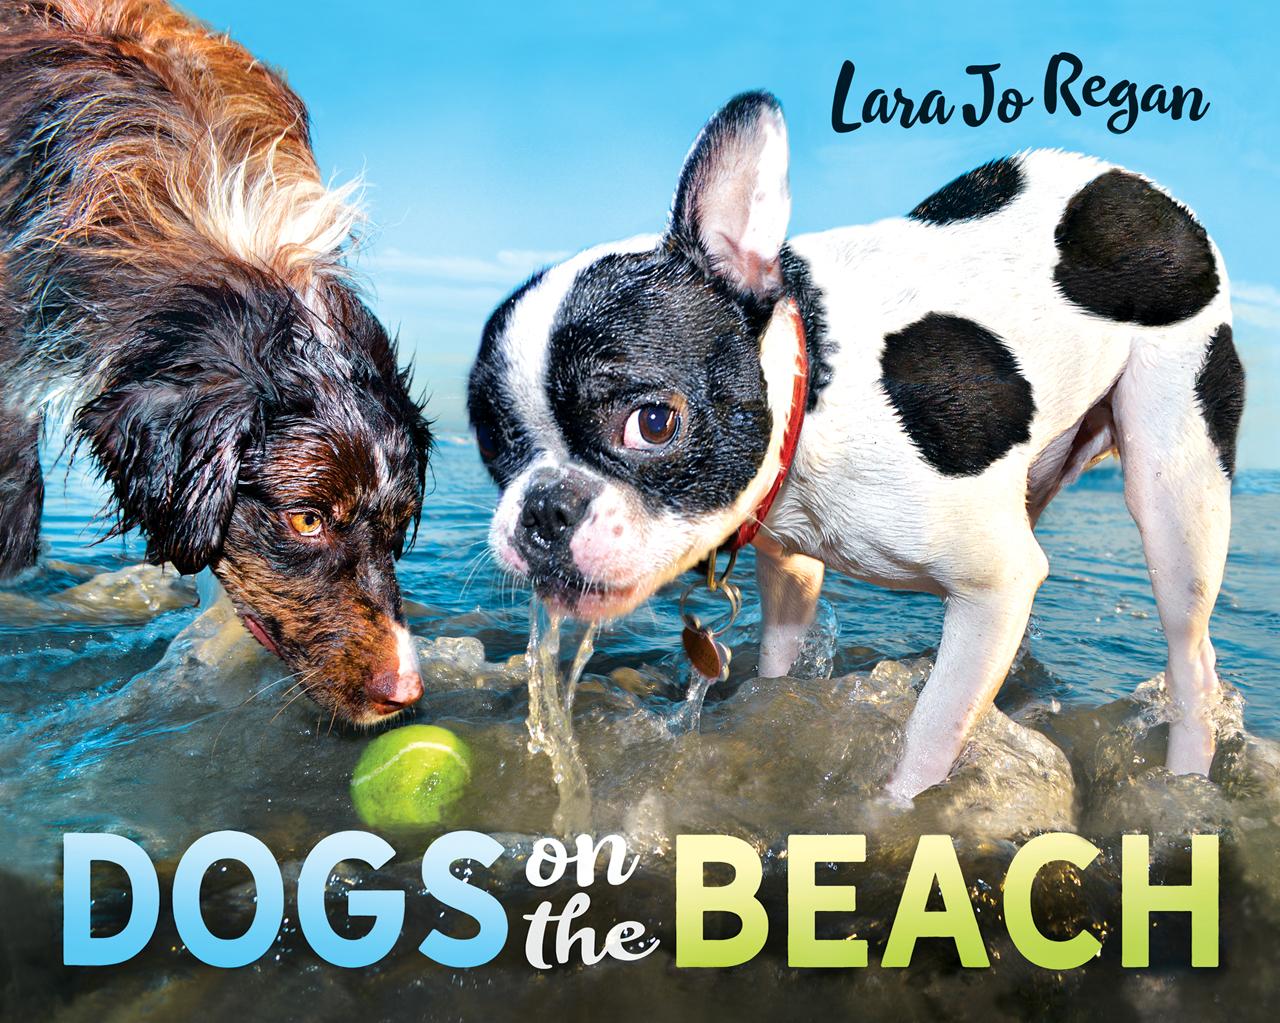 Dogs on the Beach .jpg